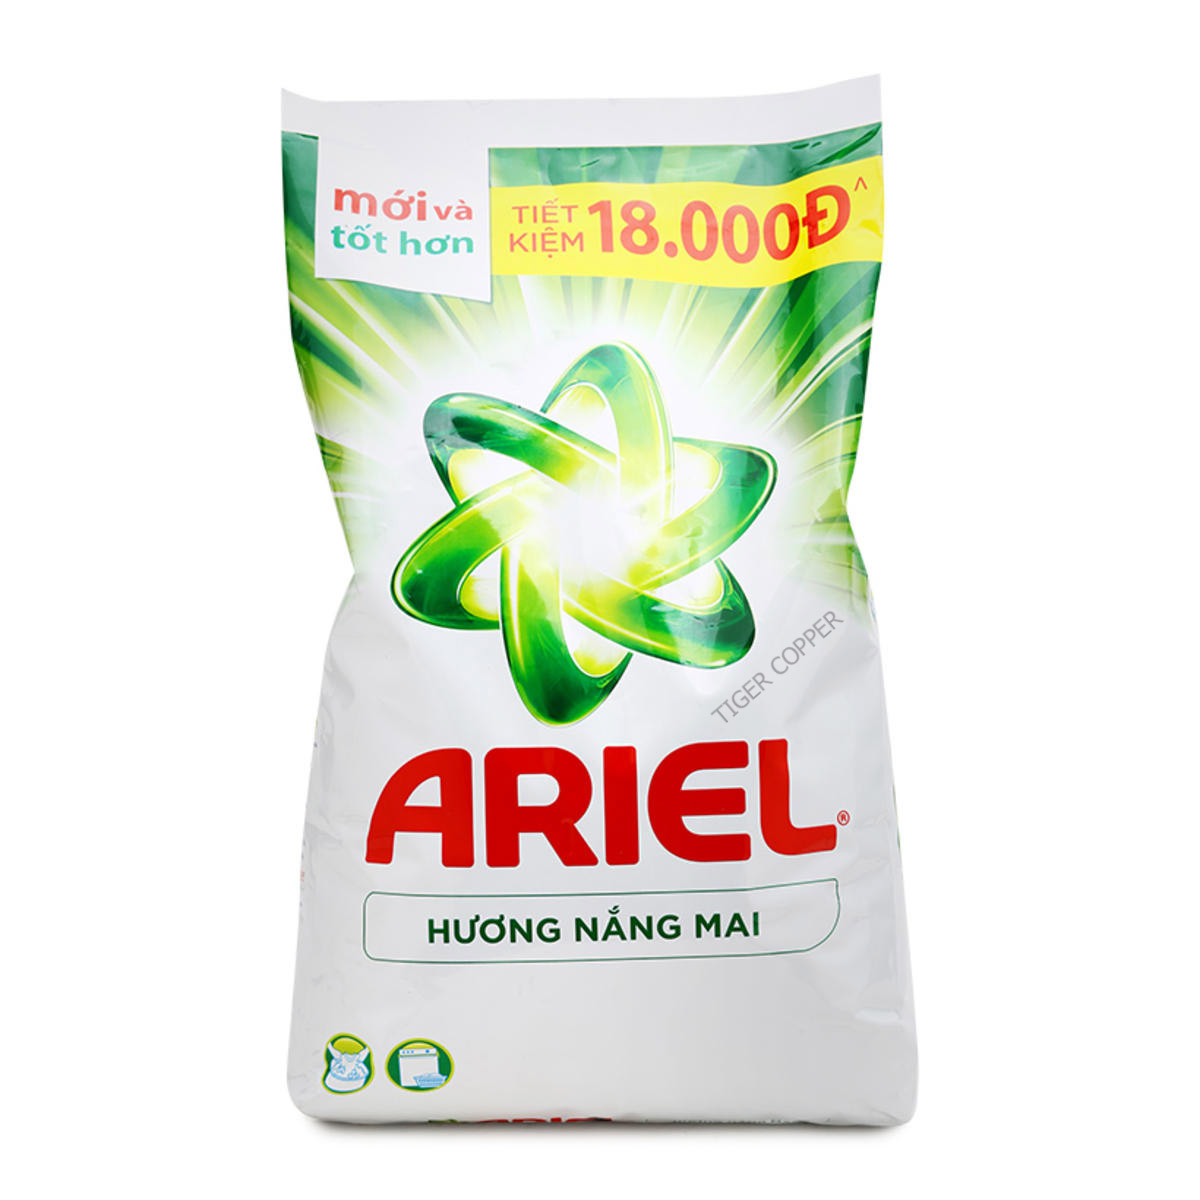 ariel-sunrishe-fresh-2